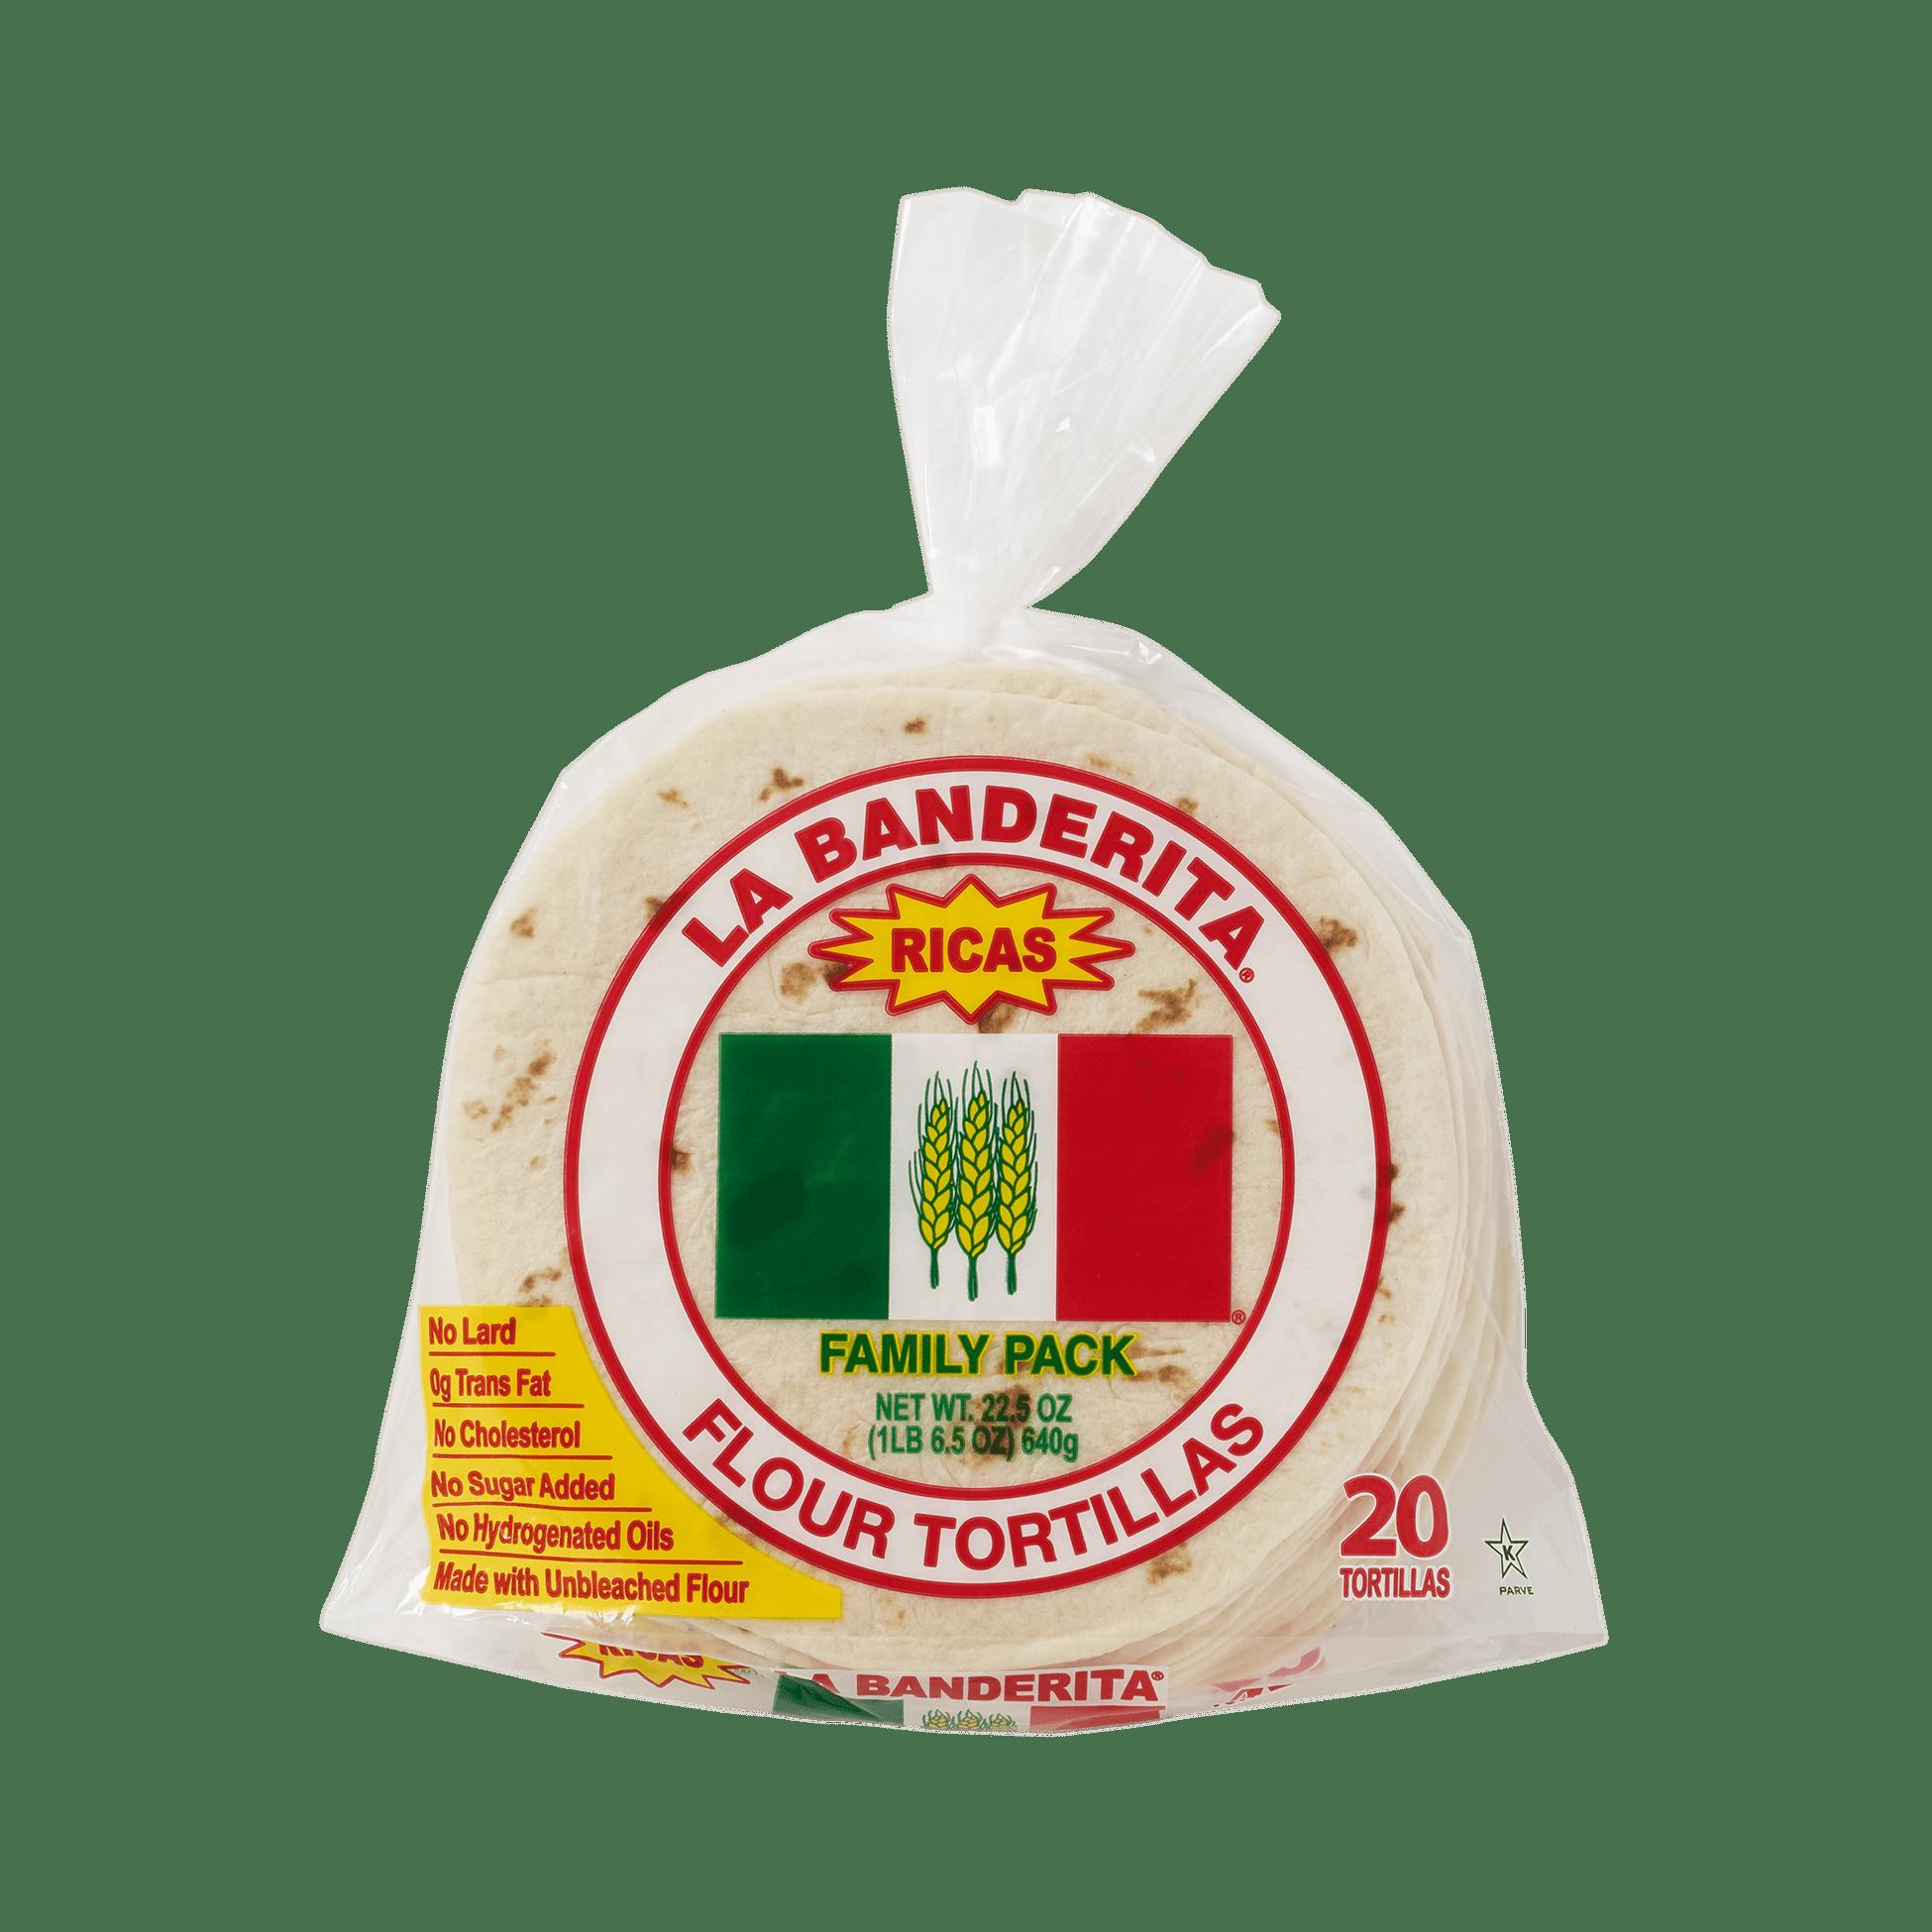 La Banderita Family Pack - Front